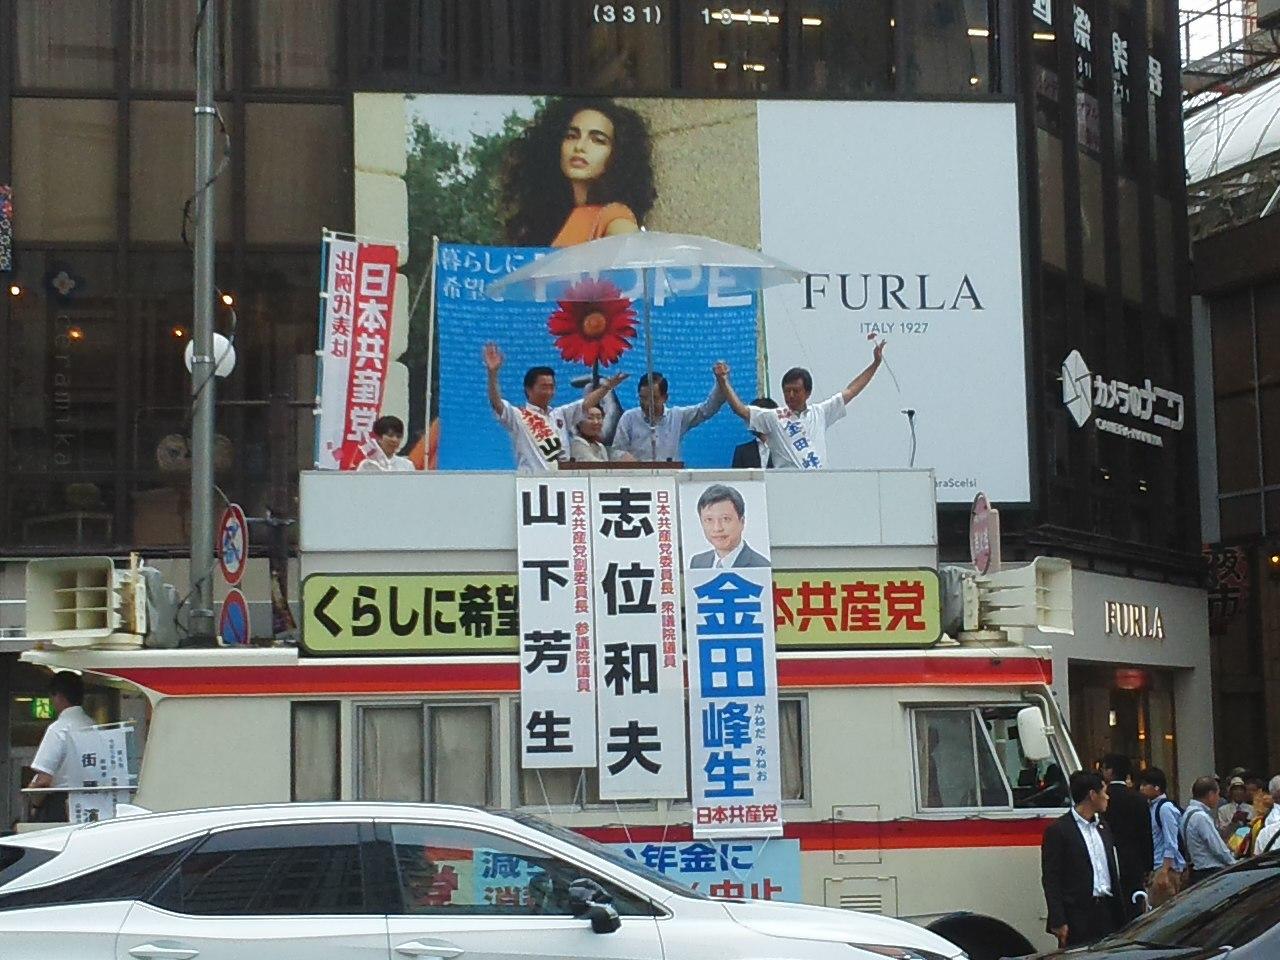 『くらしに希望を!減らない年金!』神戸大丸前・元気が出る声が響きます 🌝🌞🌝🌞🌝_f0061067_19254528.jpg